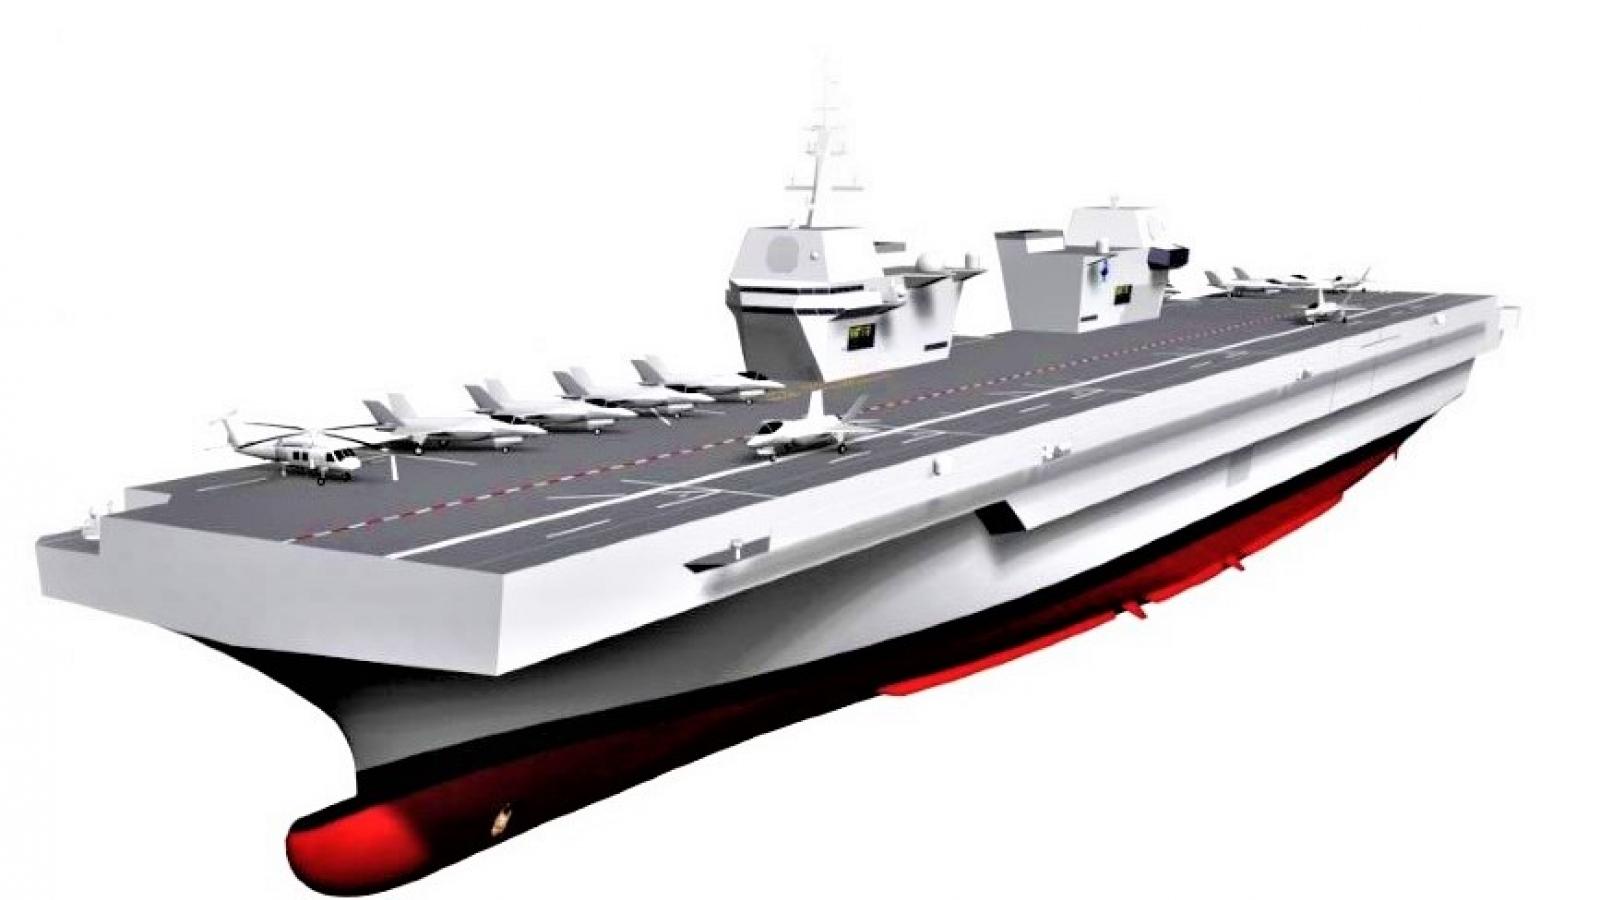 Hàn Quốc đóng hàng không mẫu hạm mà nước này không cần?